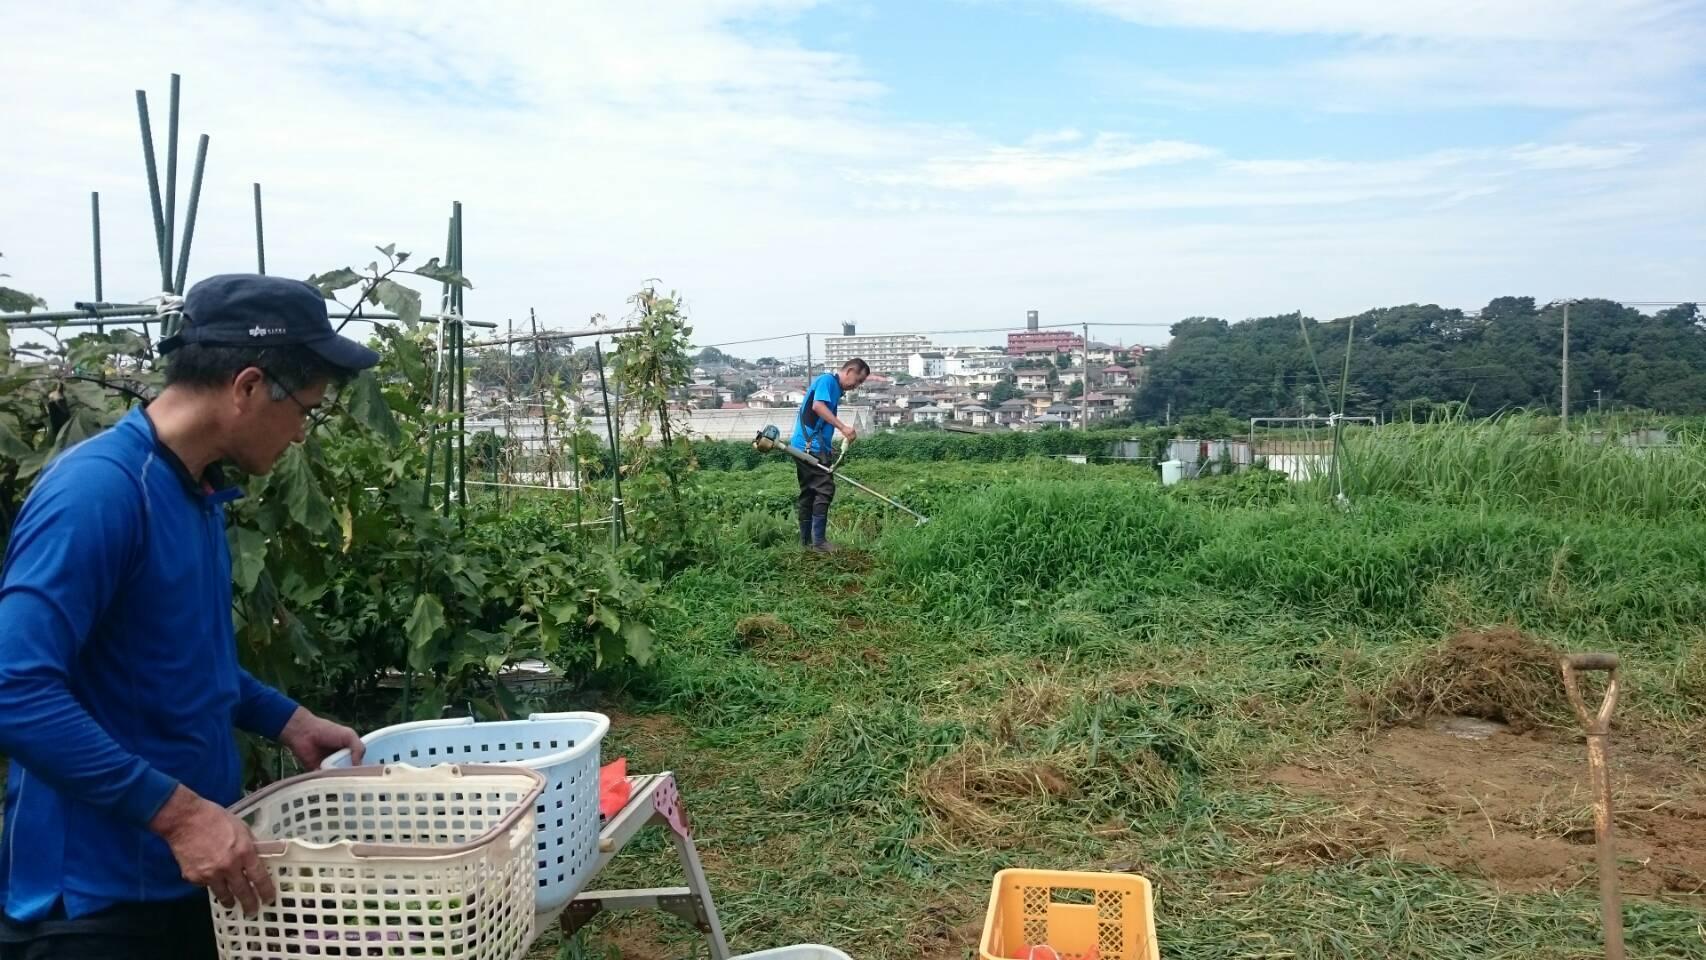 ズッキーニの畝跡 草刈り機2時間弱連続・・・くらくらしてきました 水分補給_c0222448_21141507.jpg